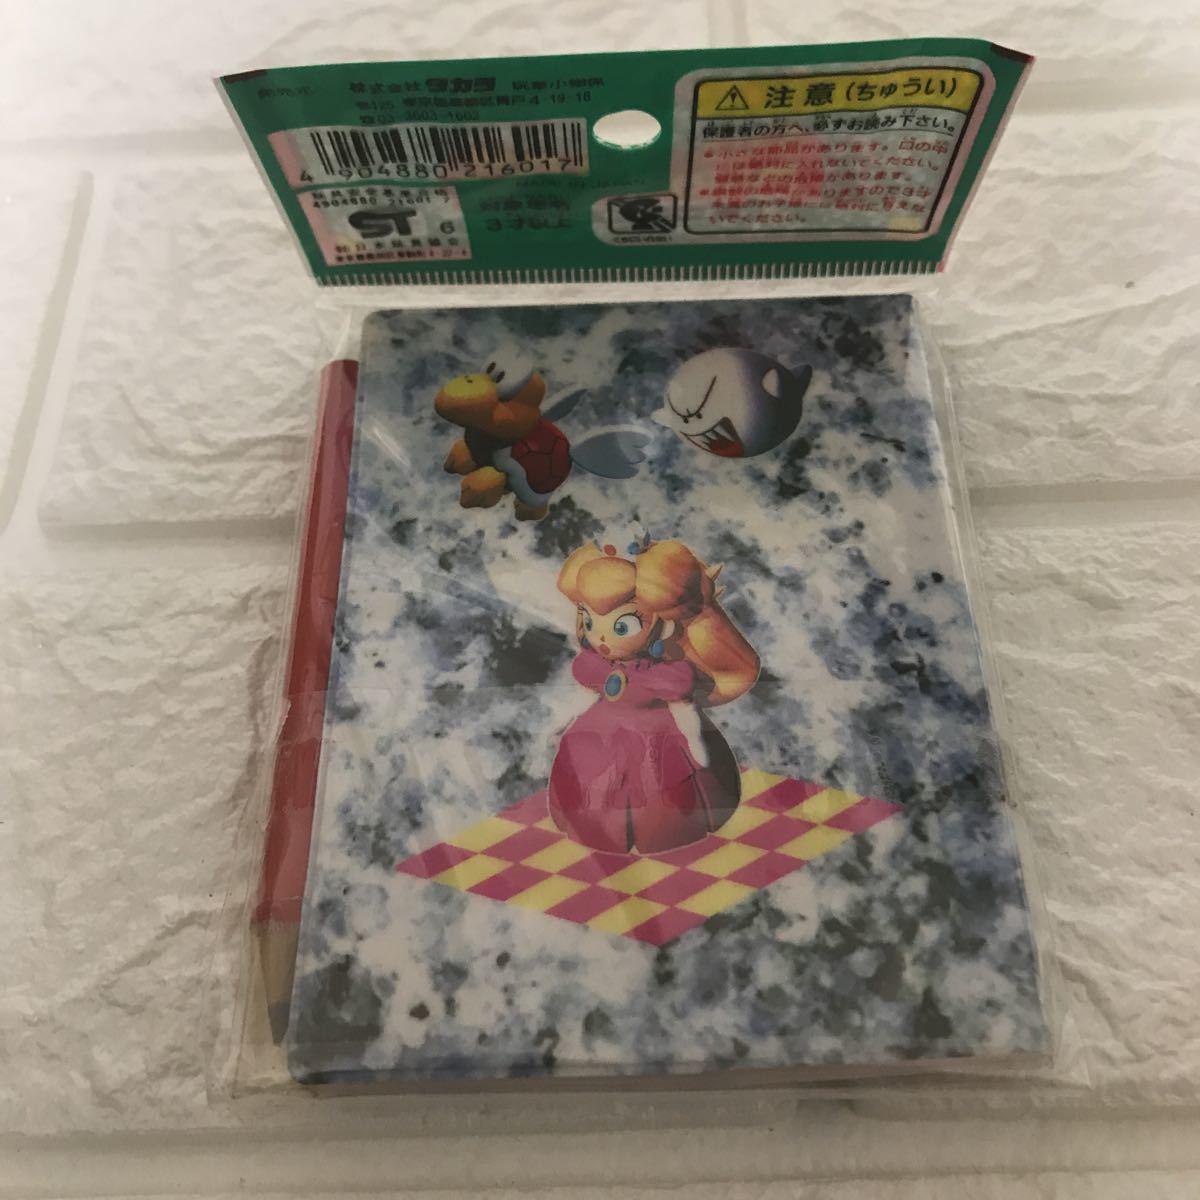 【激レア・未使用品】sfc SFC スーパーマリオRPG ハイパーファイル 任天堂 1995 鉛筆付き タカラ 攻略シールつき 未開封品 日本製_画像2